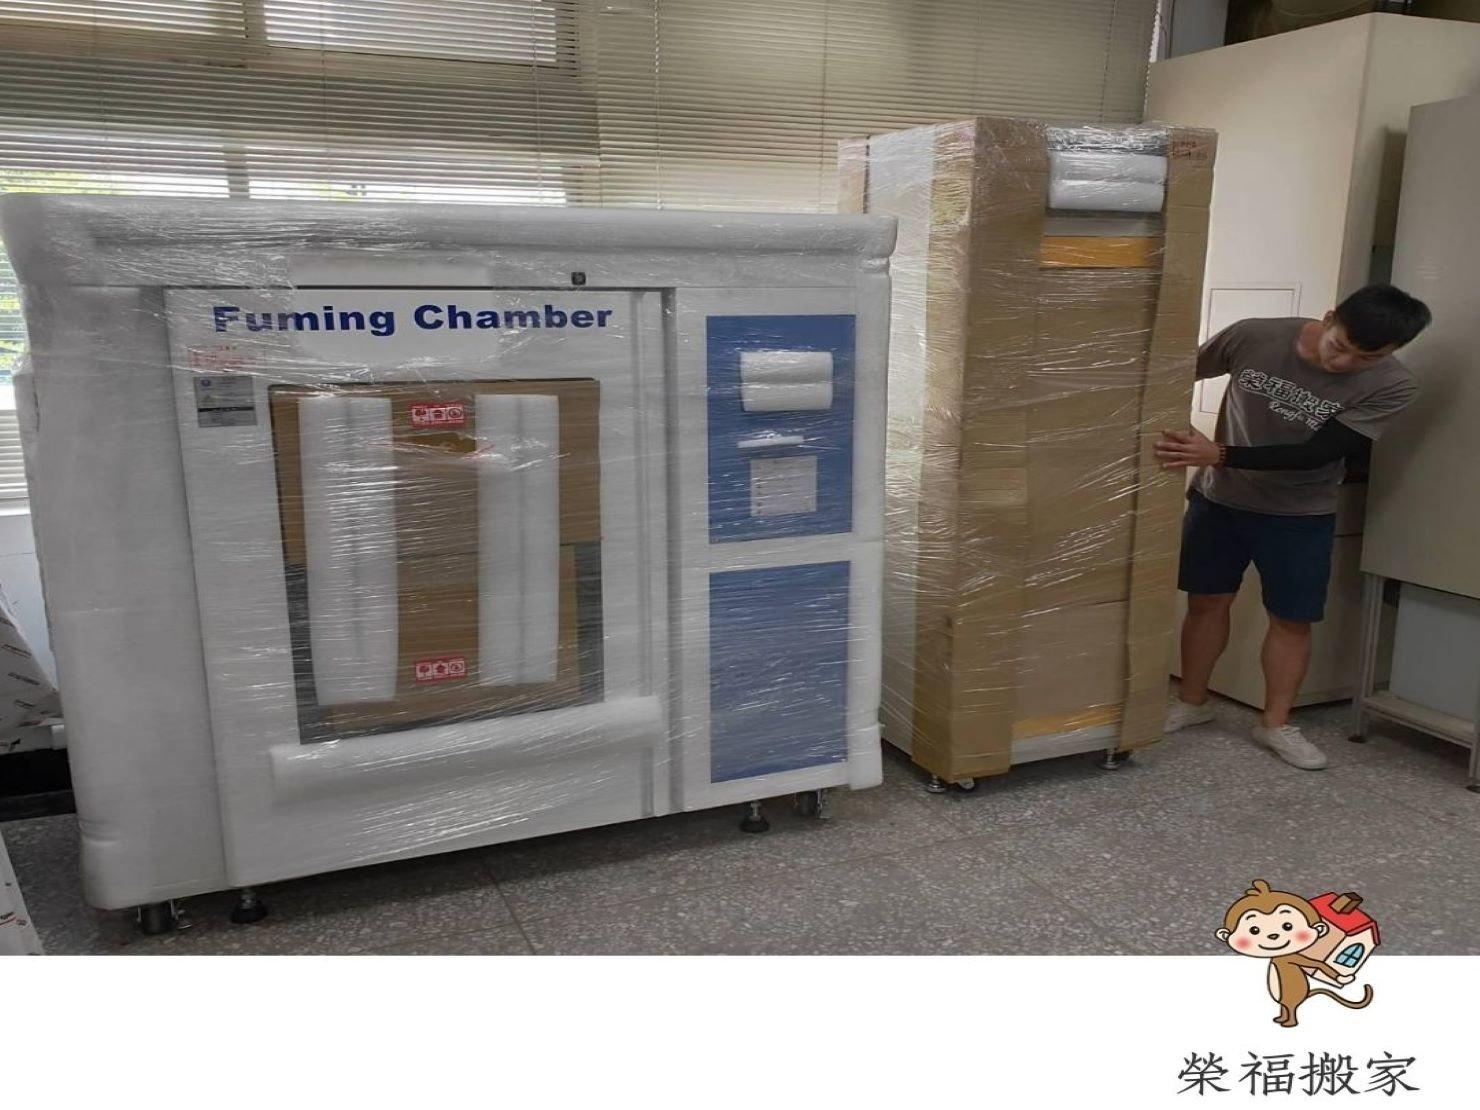 【重物搬運實錄】榮福累積搬各式各樣機台及設備,這次介紹如何搬煙燻指紋箱